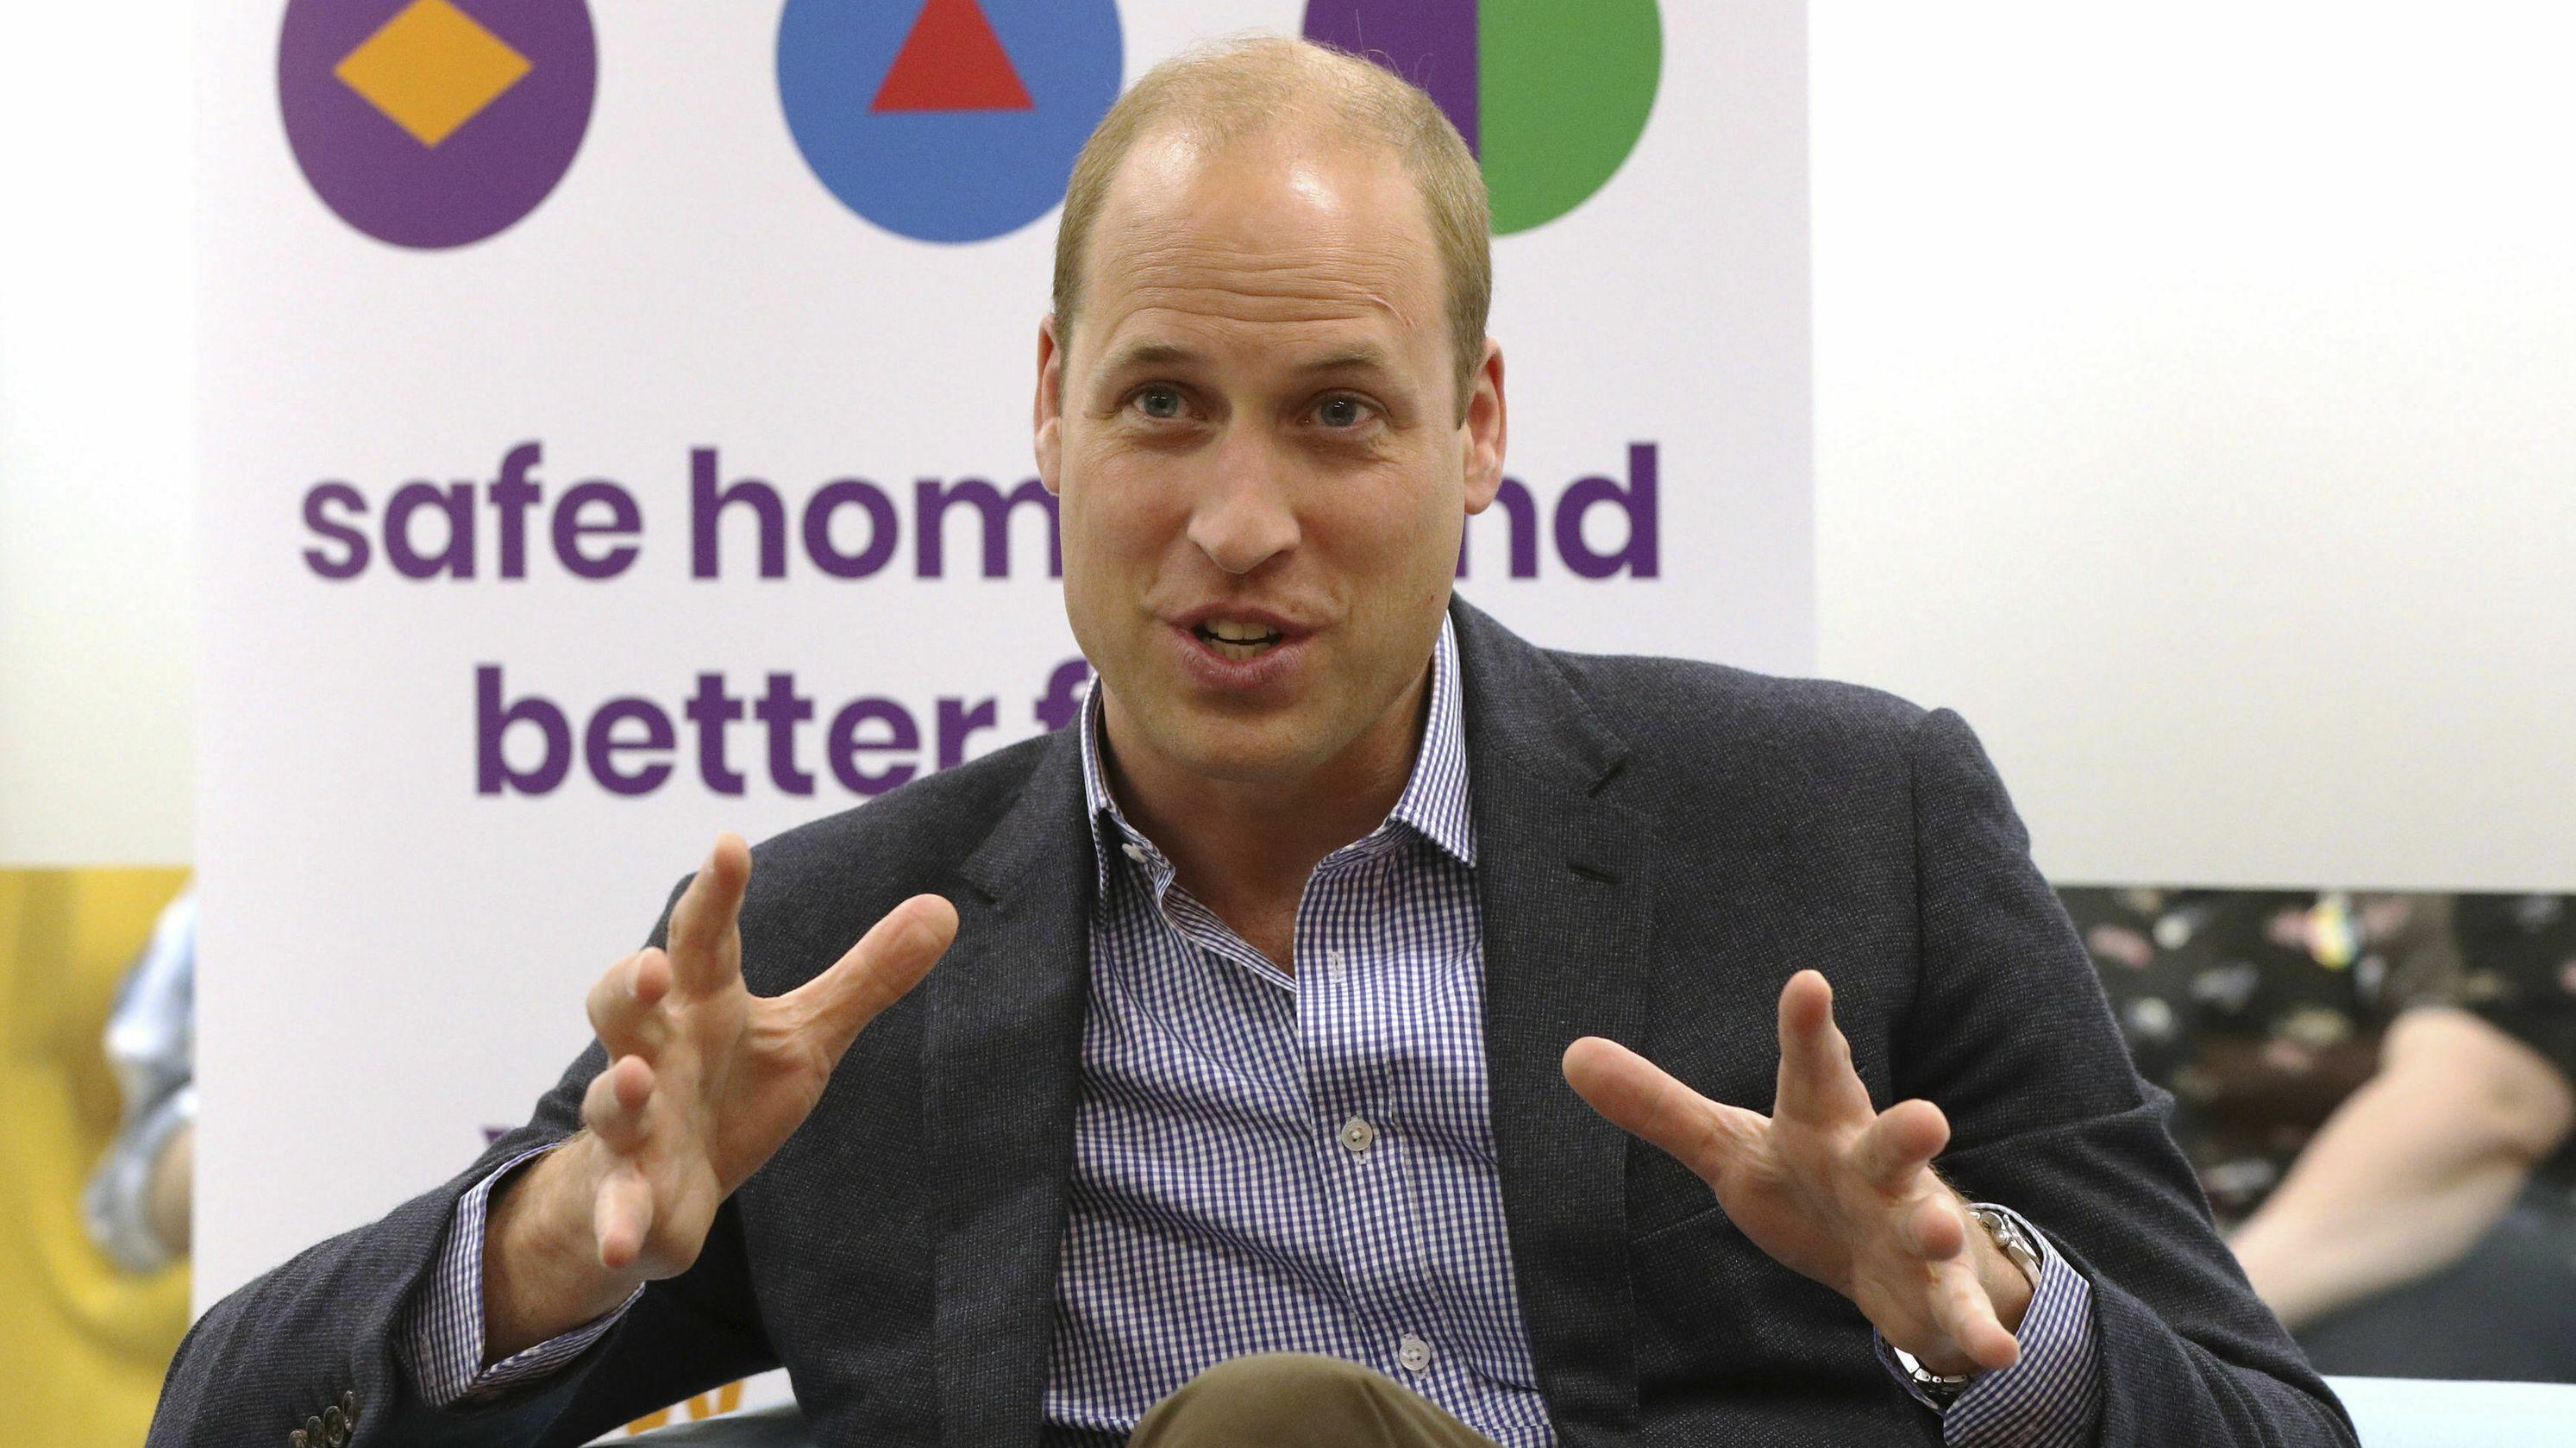 Der britische Prinz William gestikuliert bei einem Besuch der Organisation Albert Kennedy Trust, die sich für junge Menschen einsetzt, die wegen ihrer sexuellen Orientierung aus ihrer Familie verstoßen wurden.